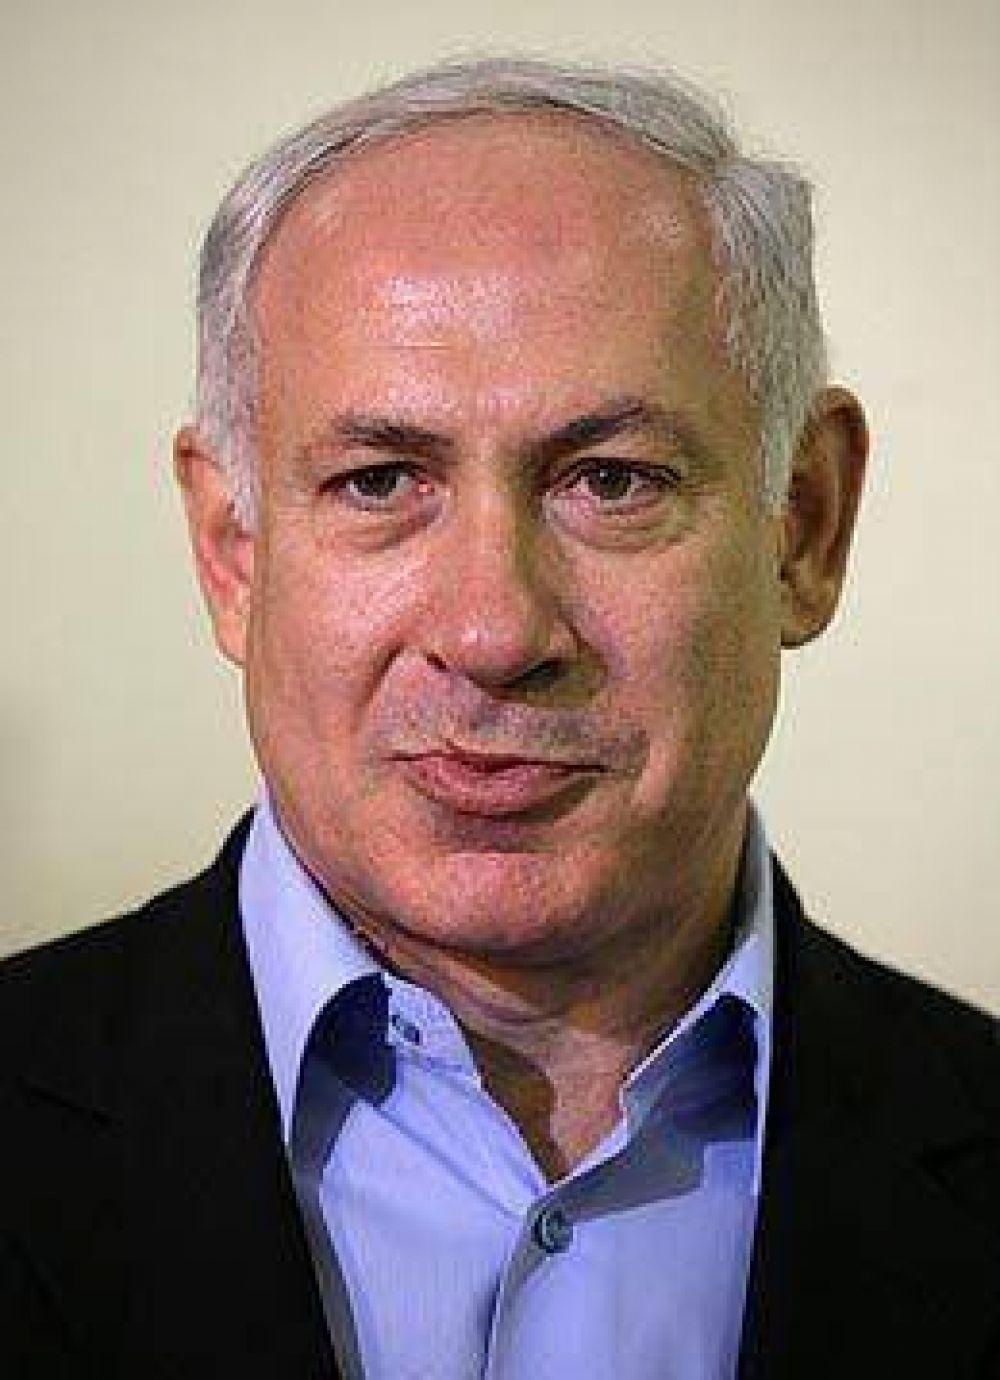 Israel: con un acuerdo con la ultraderecha, Netanyahu se encamina a formar gobierno